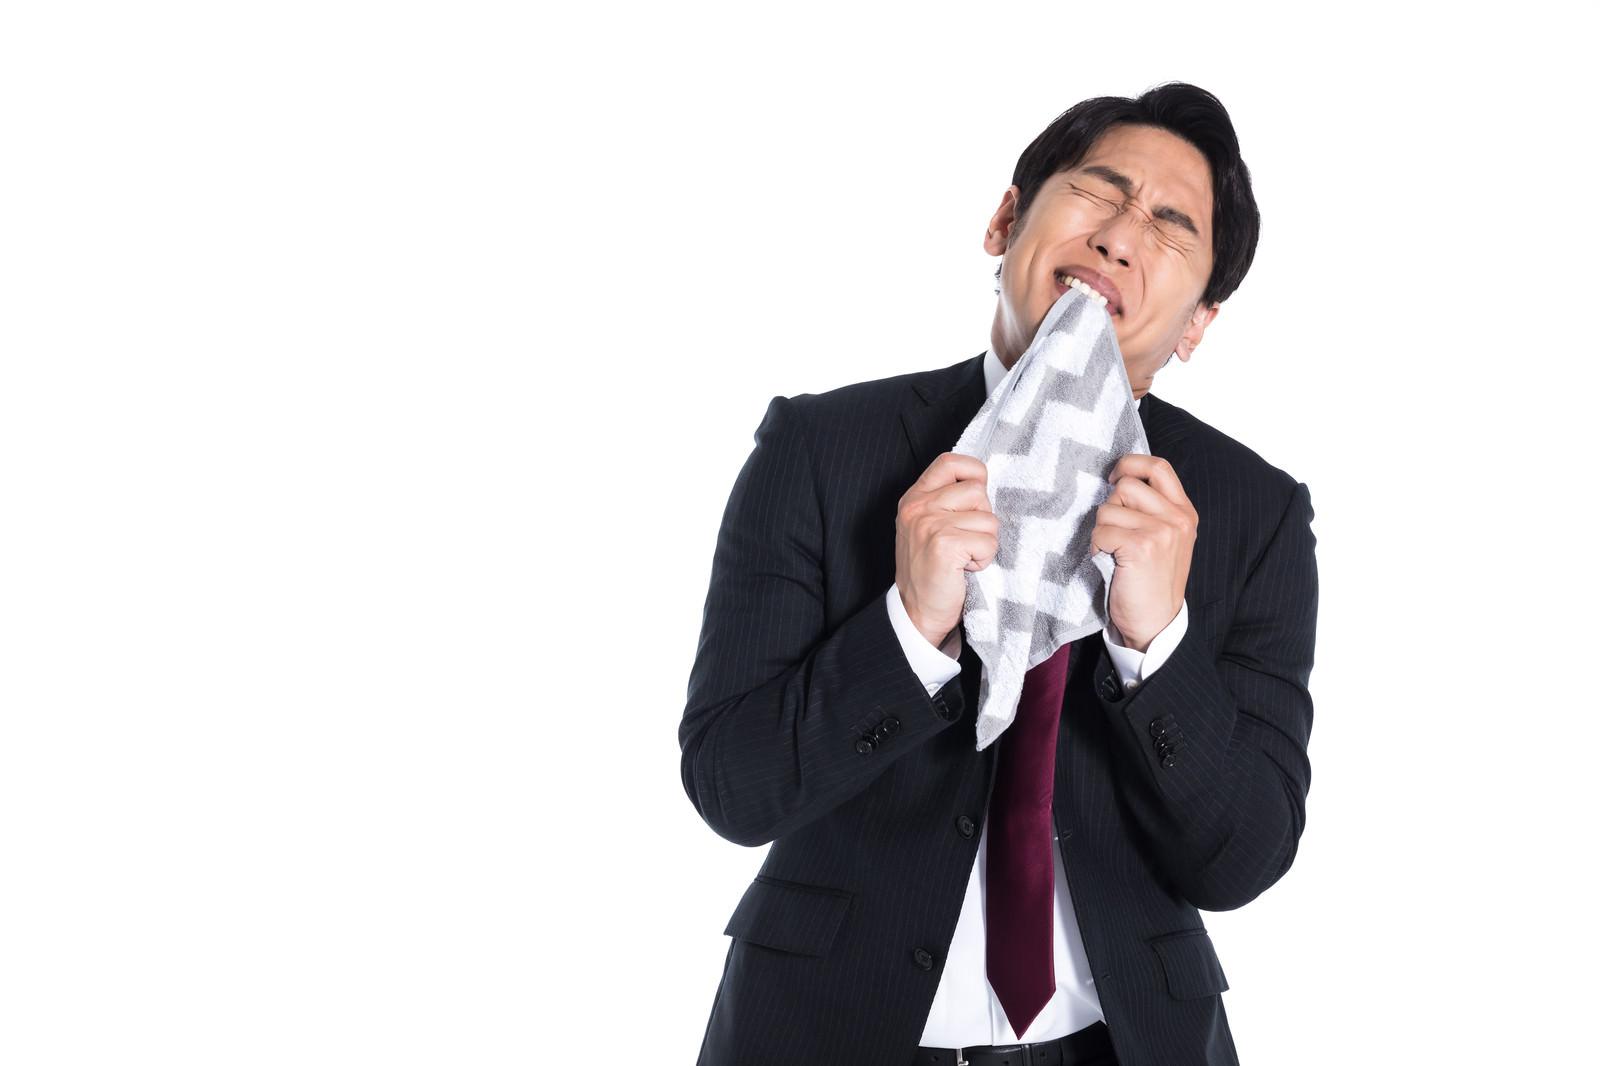 「マンガなどで悔しい思いをしてハンカチを噛んでいるシーン」の写真[モデル:大川竜弥]